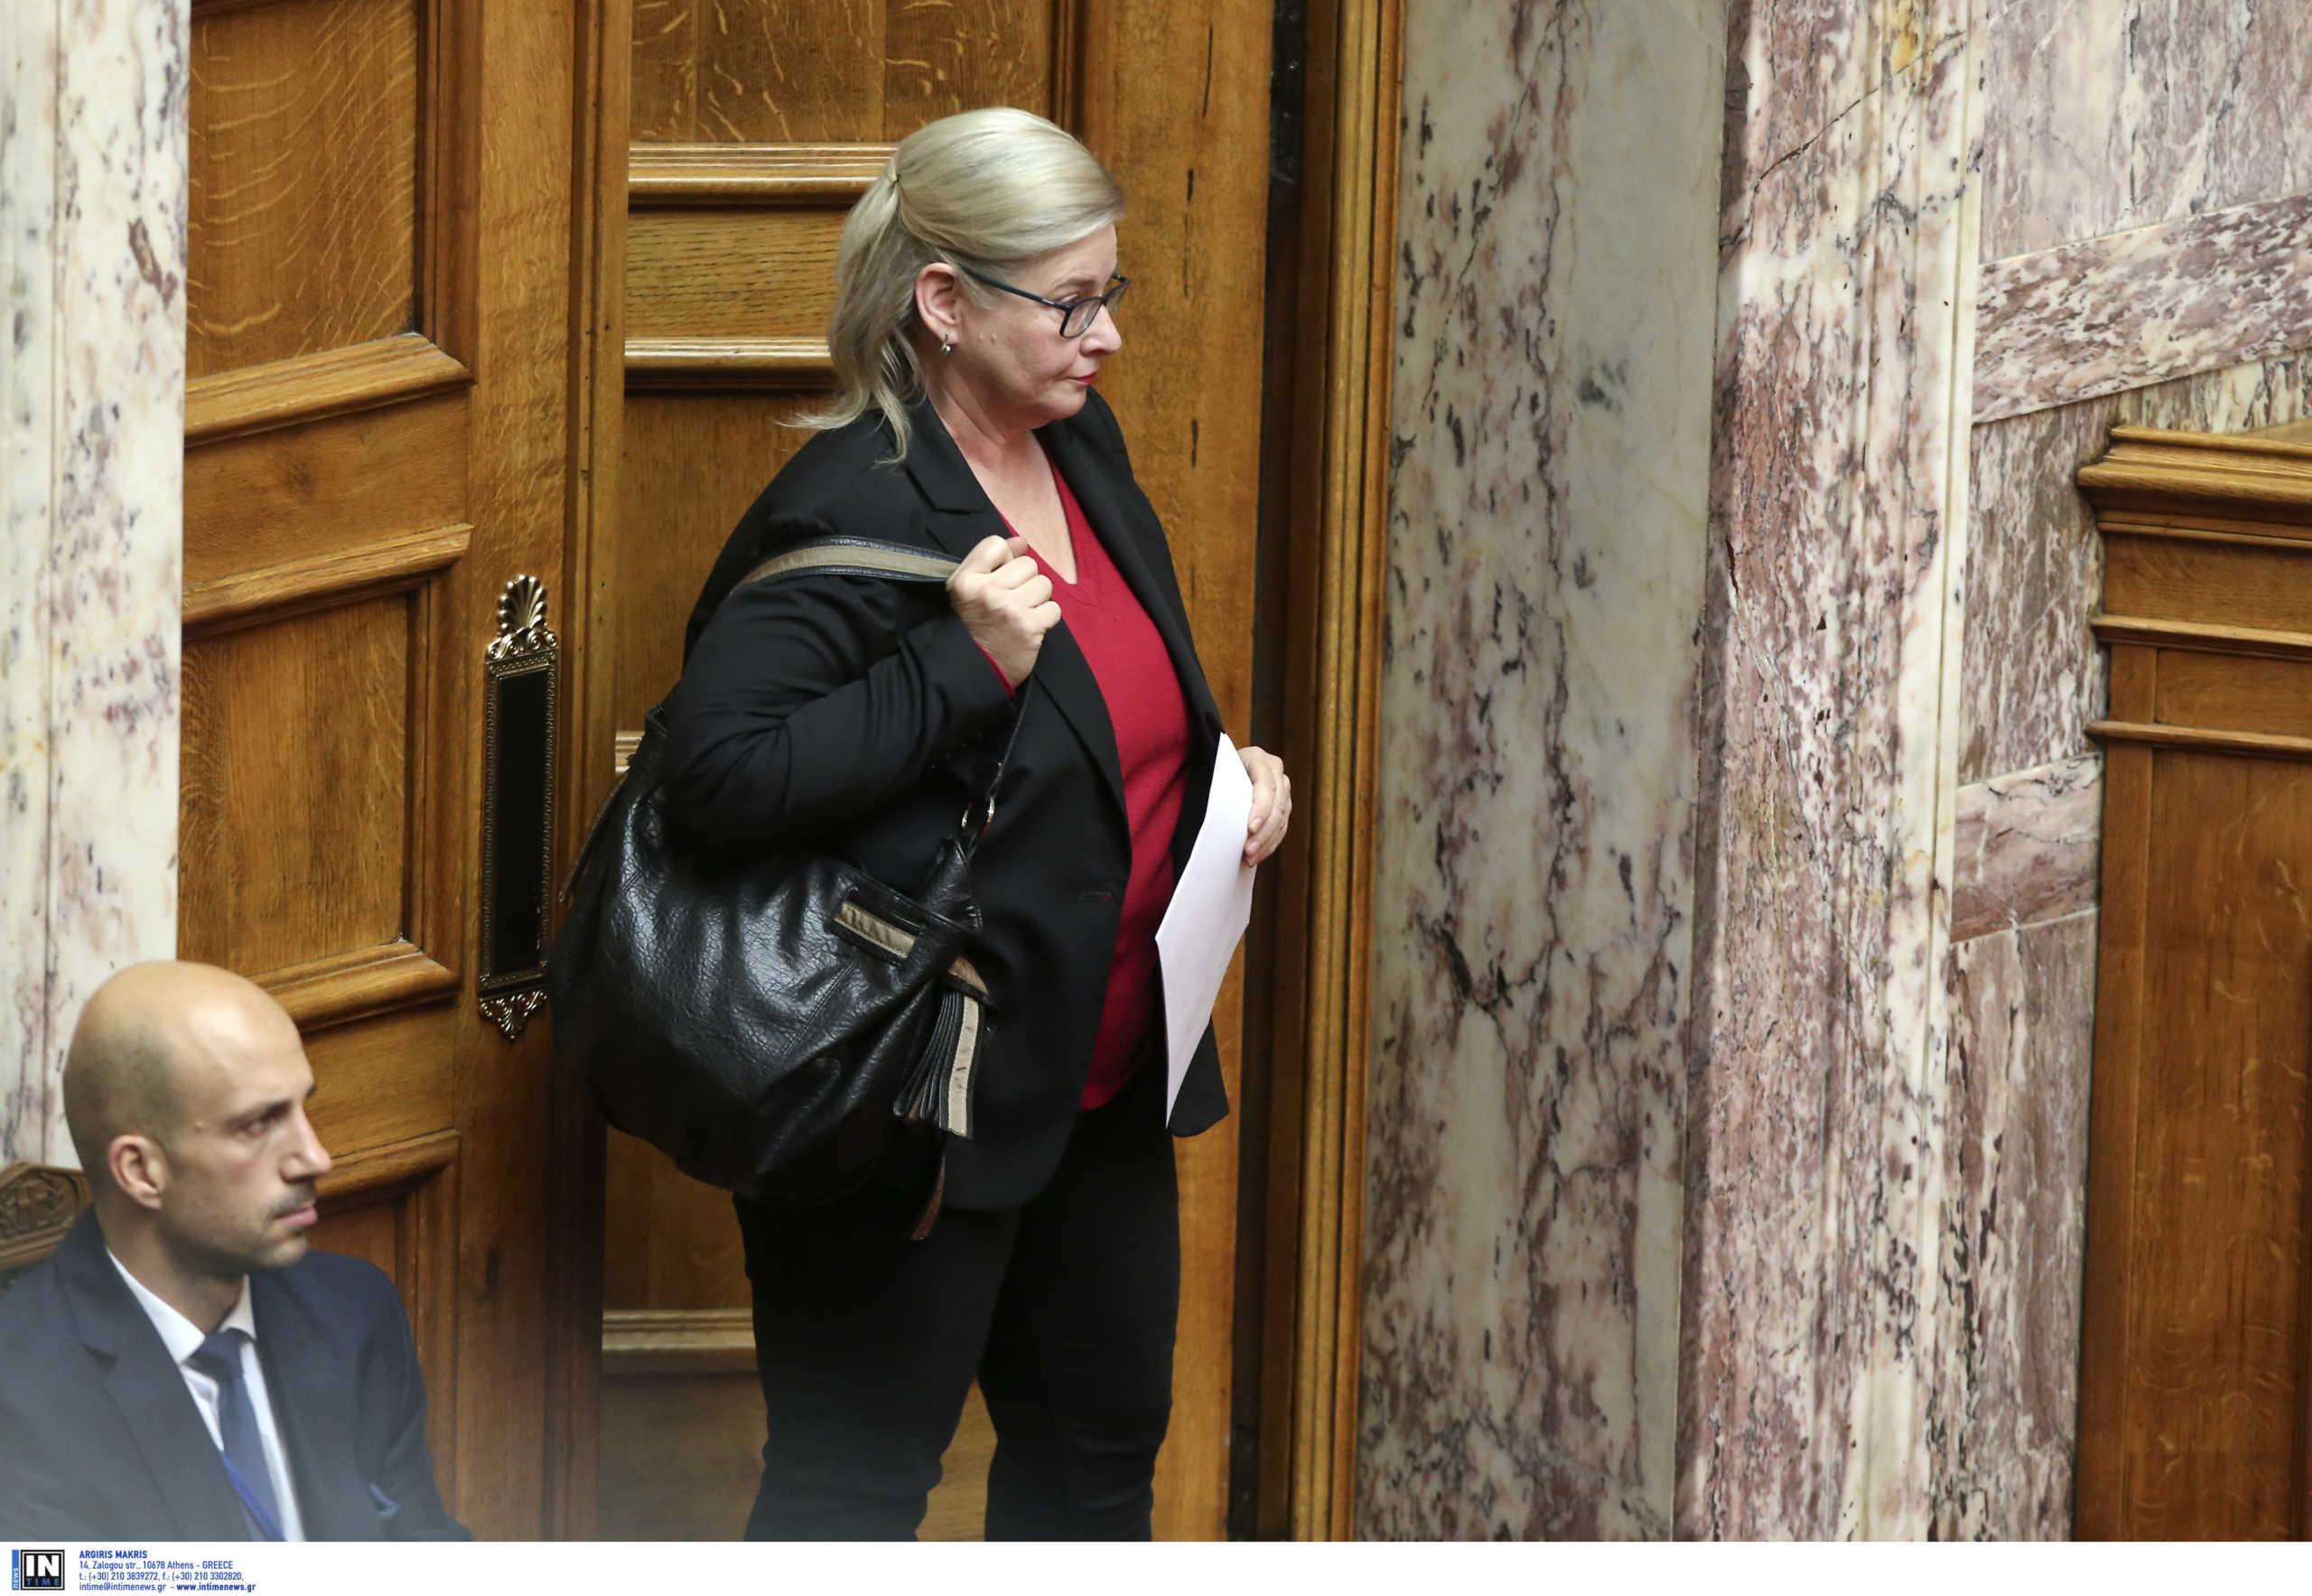 Ποινική δίωξη στην Ζαρούλια γιατί προσπάθησε να διοριστεί στην Βουλή με ψεύτικα στοιχεία